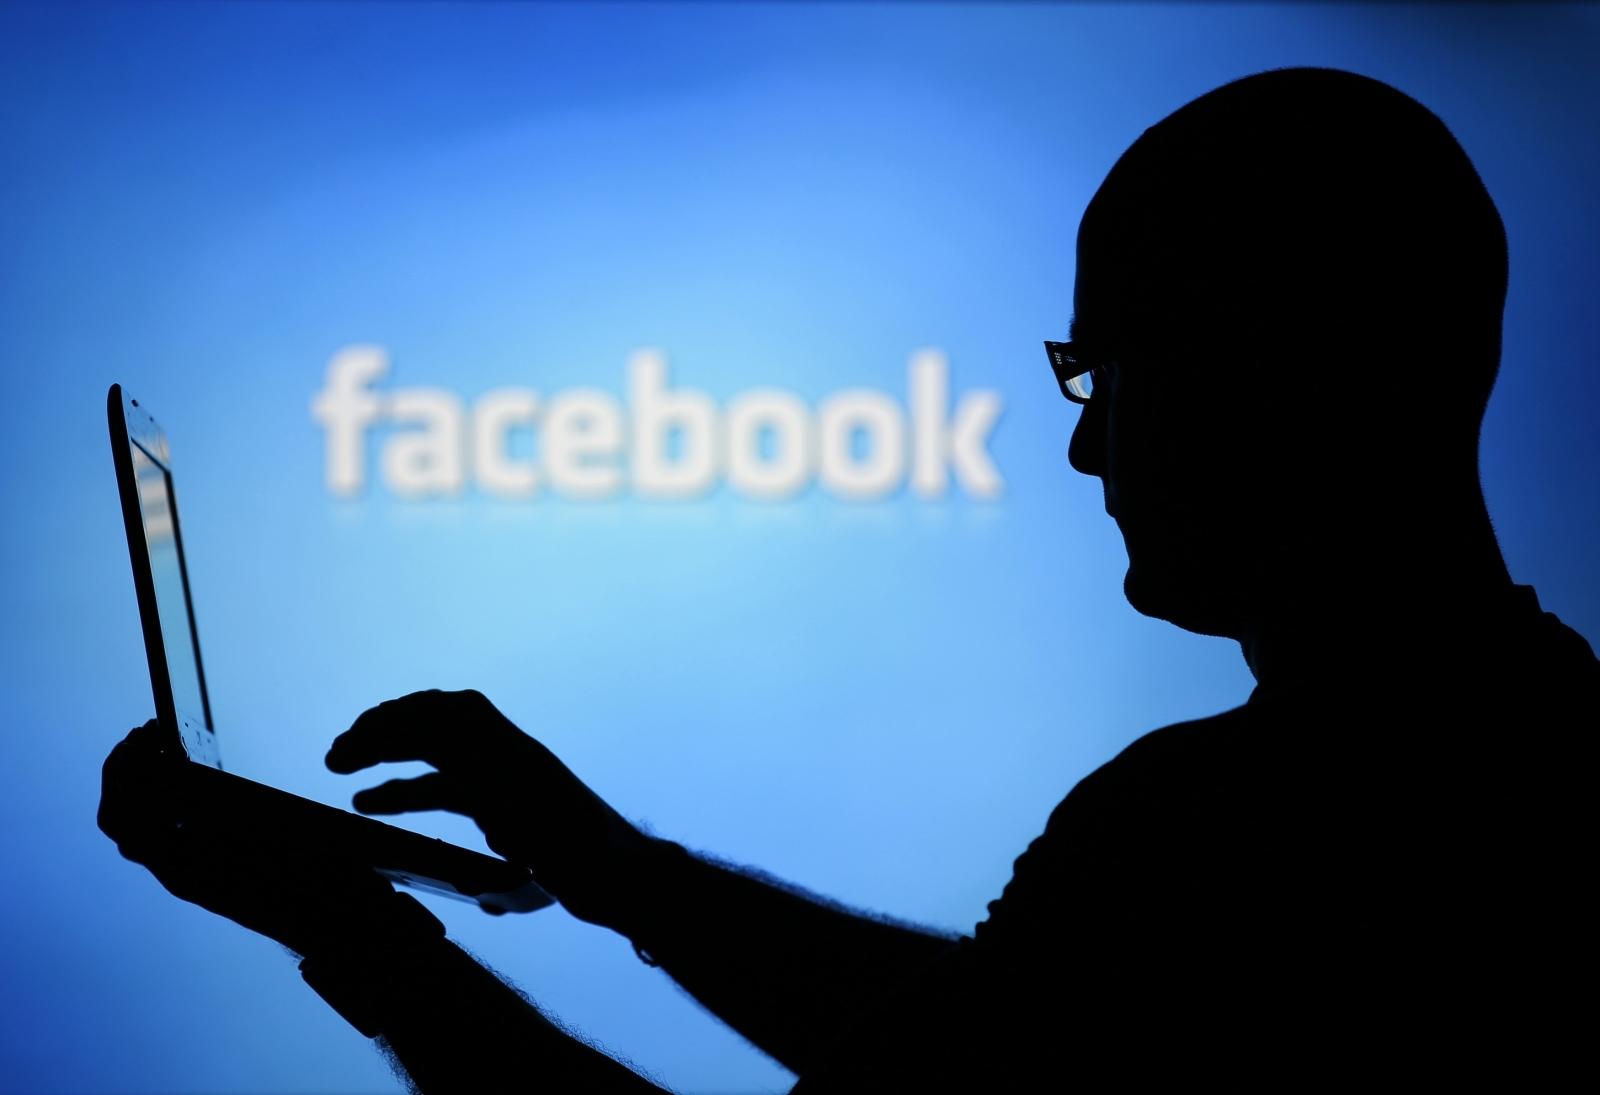 Facebook IPL rights